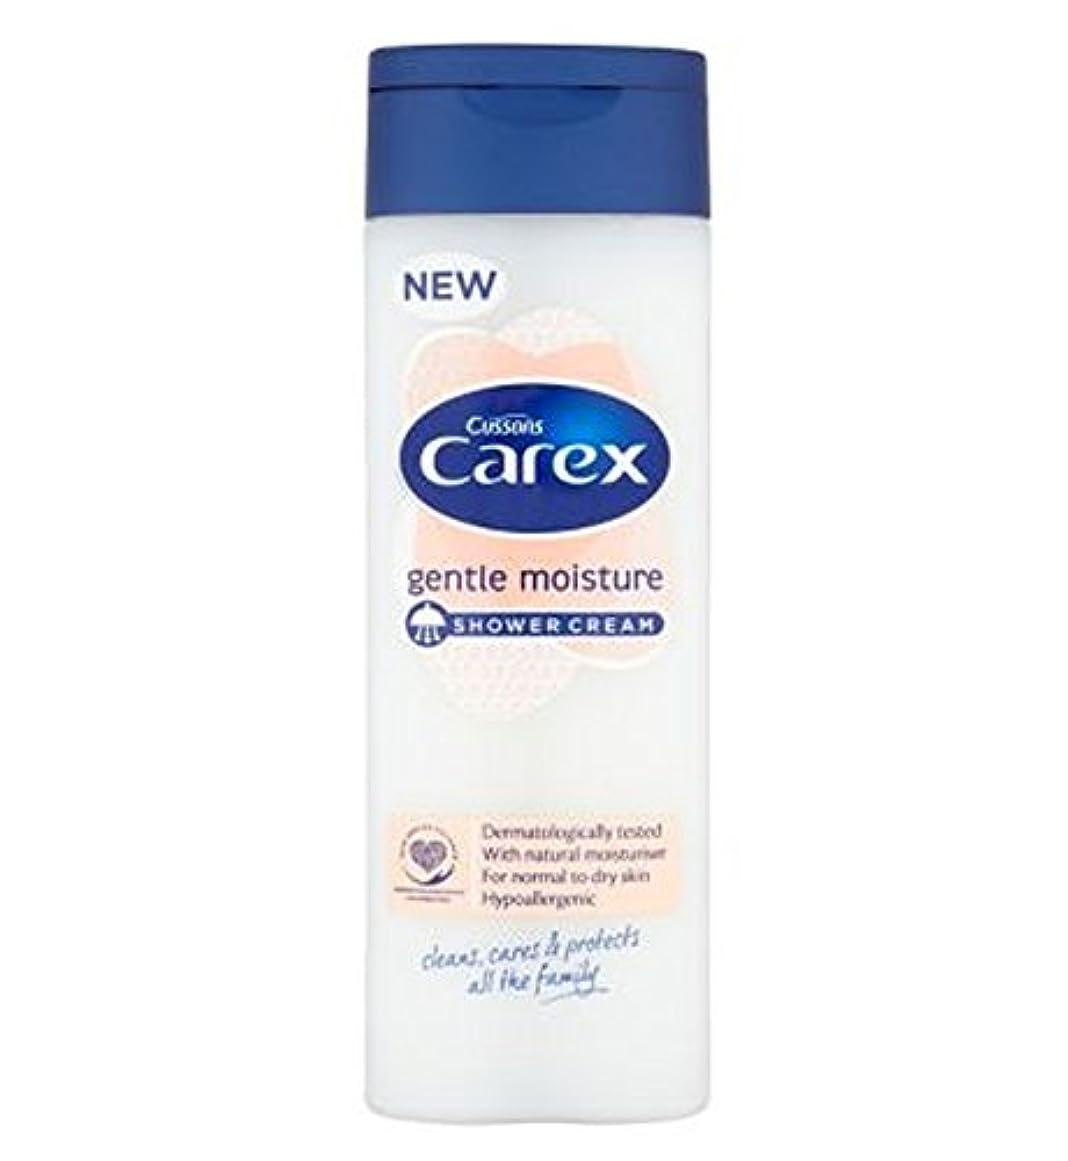 複製模倣ほめるスゲ属穏やかな水分シャワークリーム250ミリリットル (Carex) (x2) - Carex Gentle Moisture Shower Cream 250ml (Pack of 2) [並行輸入品]